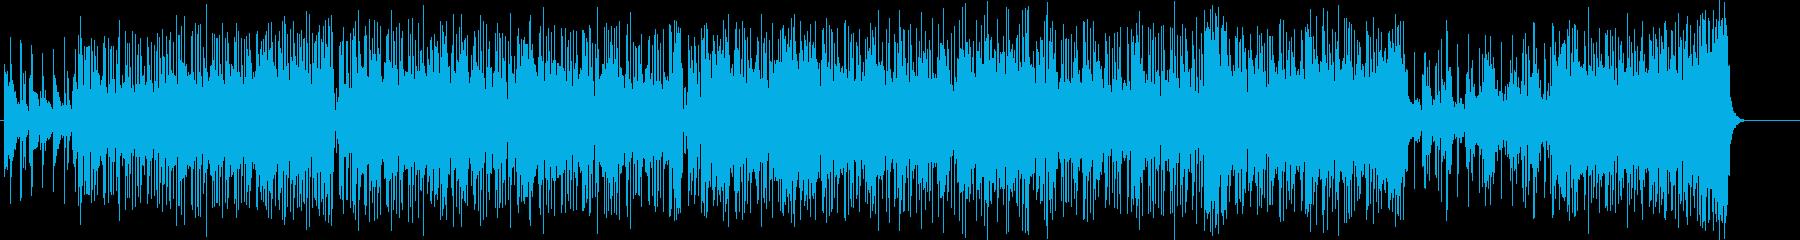 ストレートでダイナミックなアジッドジャズの再生済みの波形